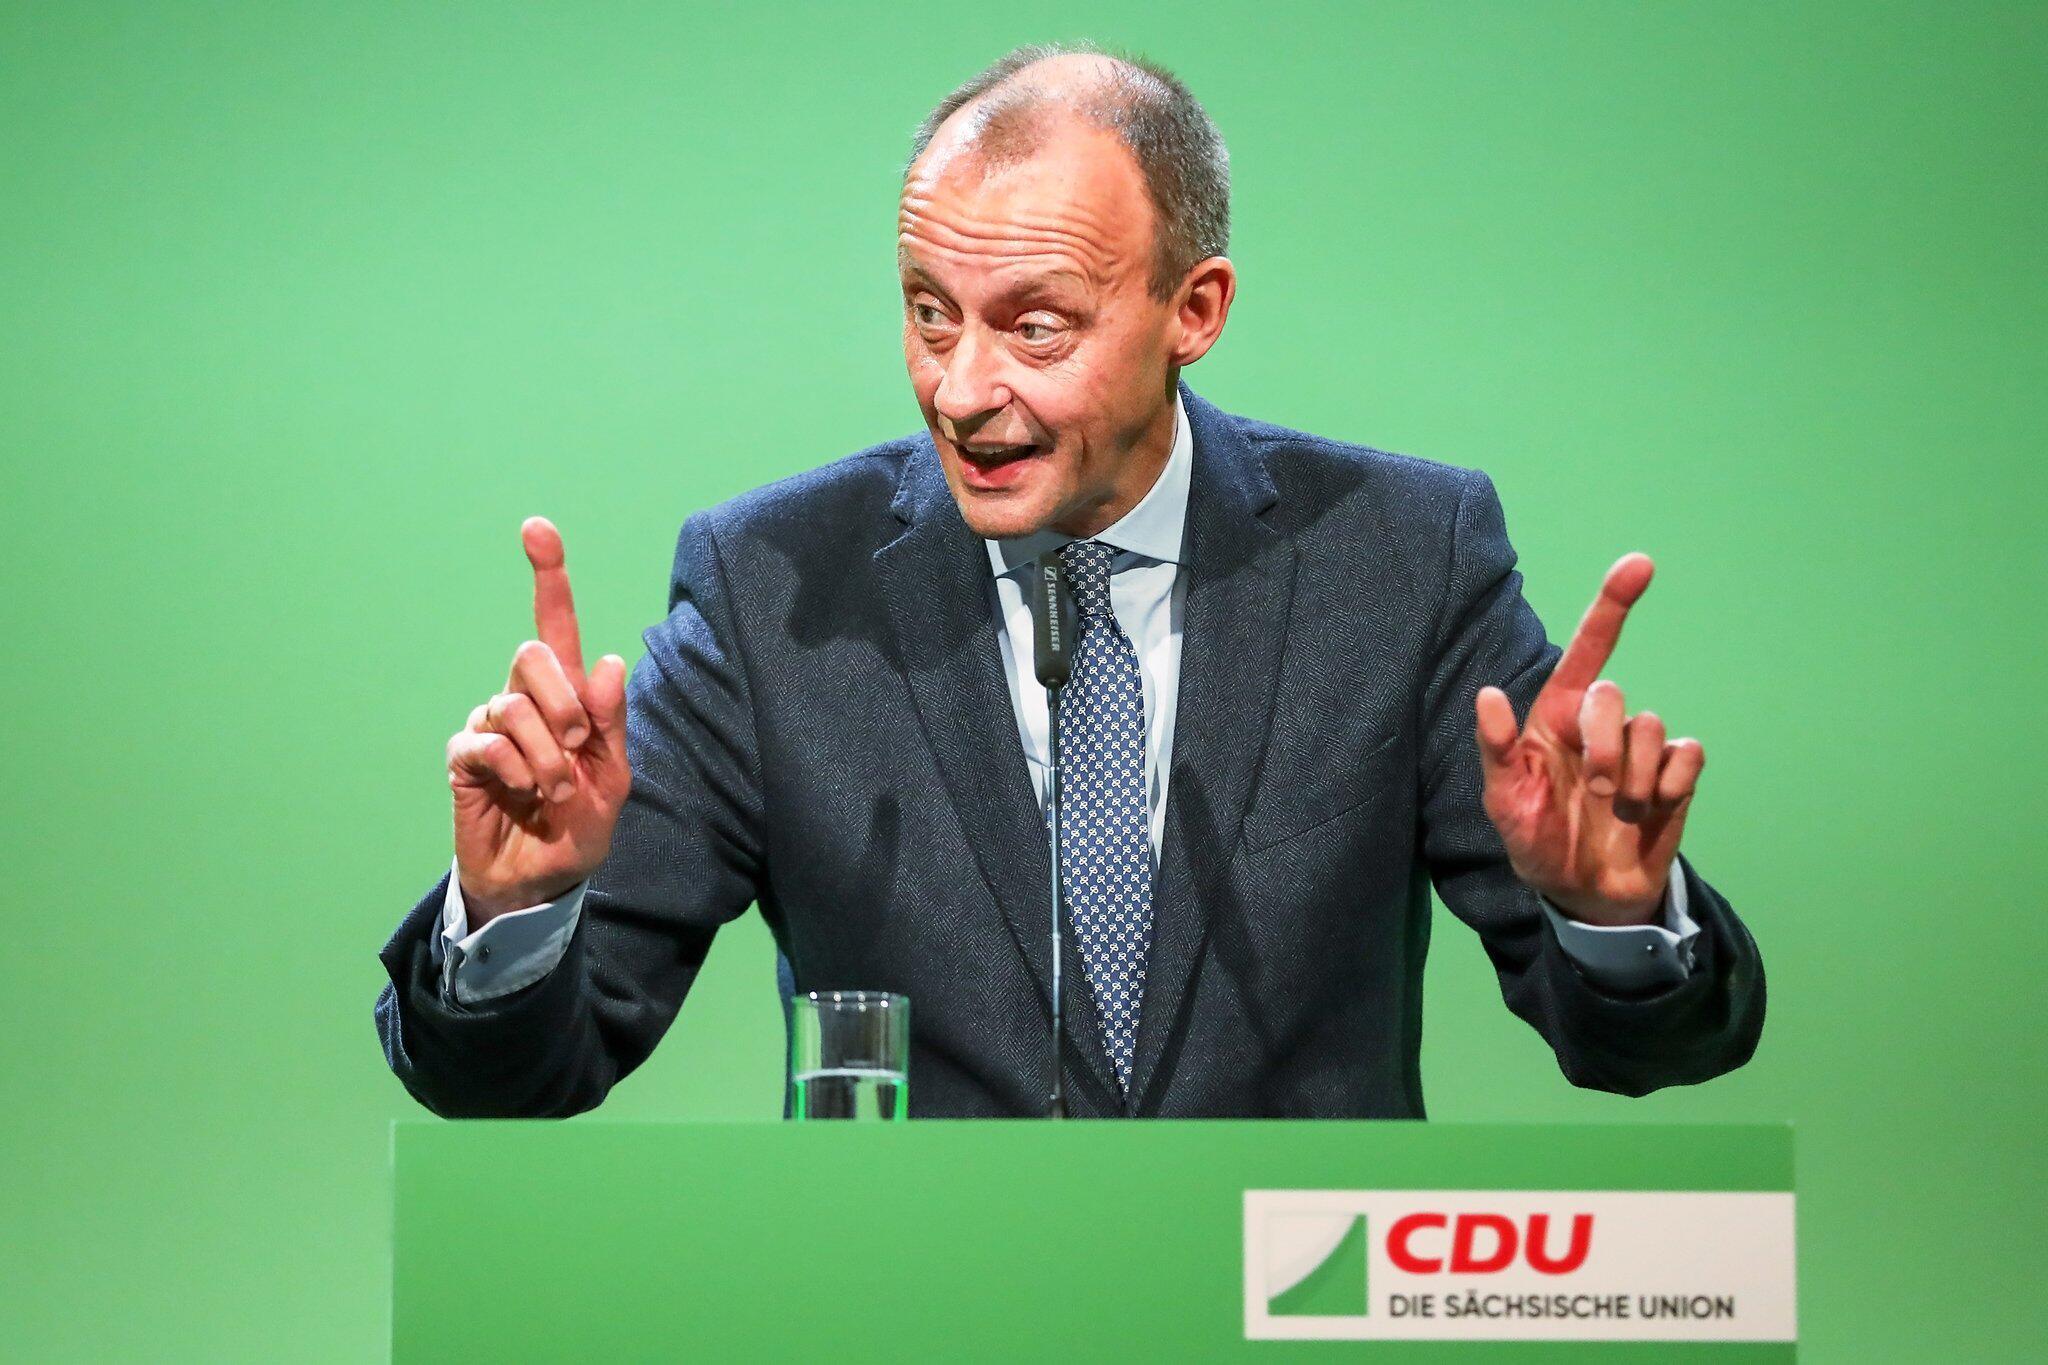 Bild zu Landesparteitag CDU Sachsen